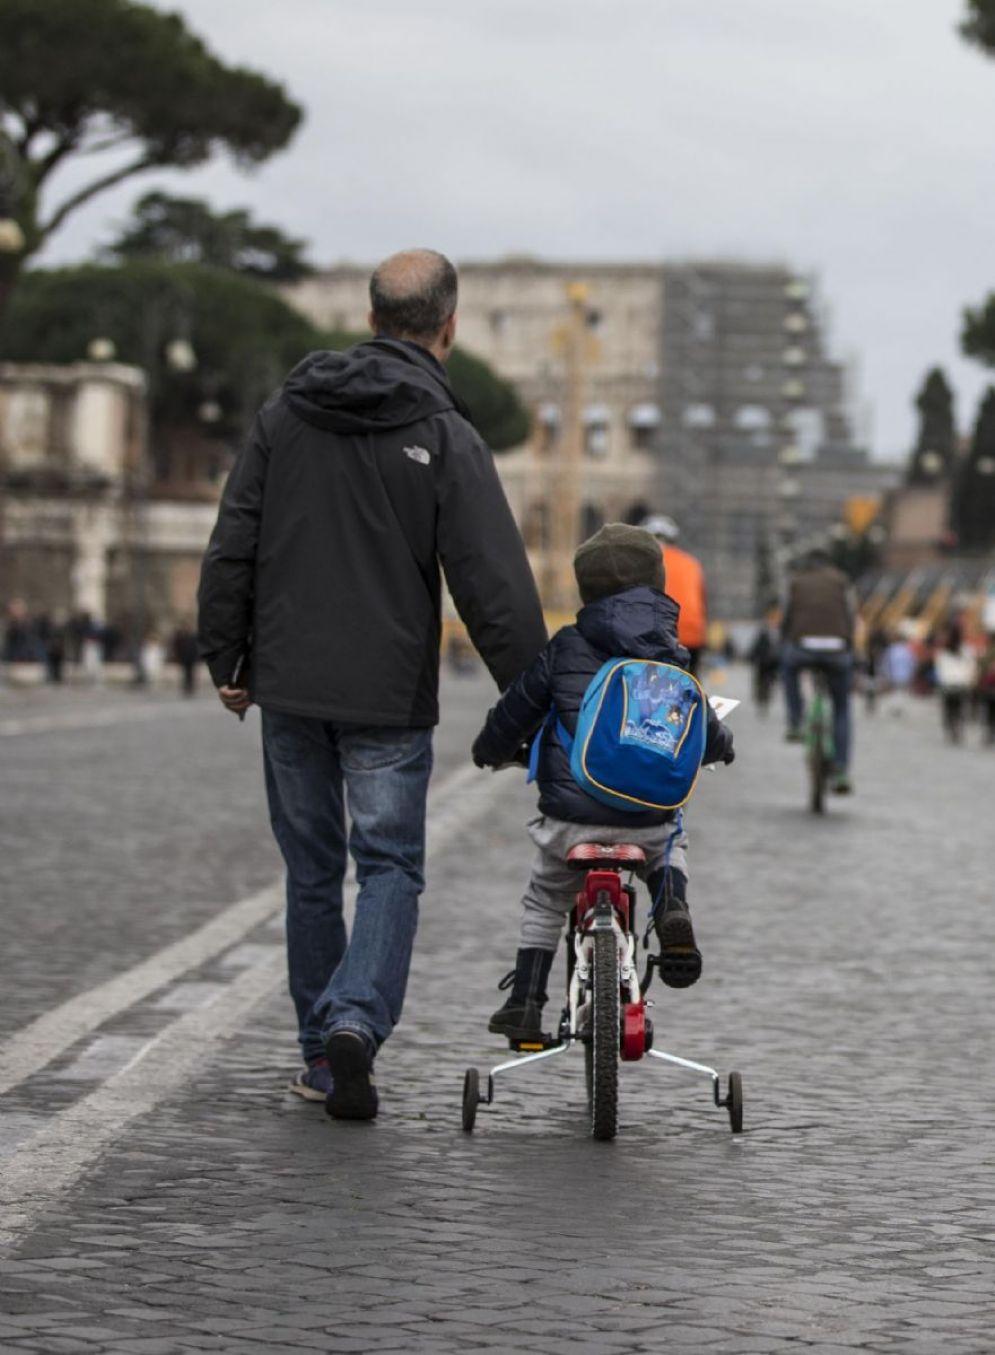 Blocco delle auto per la domenica ecologica nel centro di Roma, 21 gennaio 2018. ANSA/MASSIMO PERCOSSI